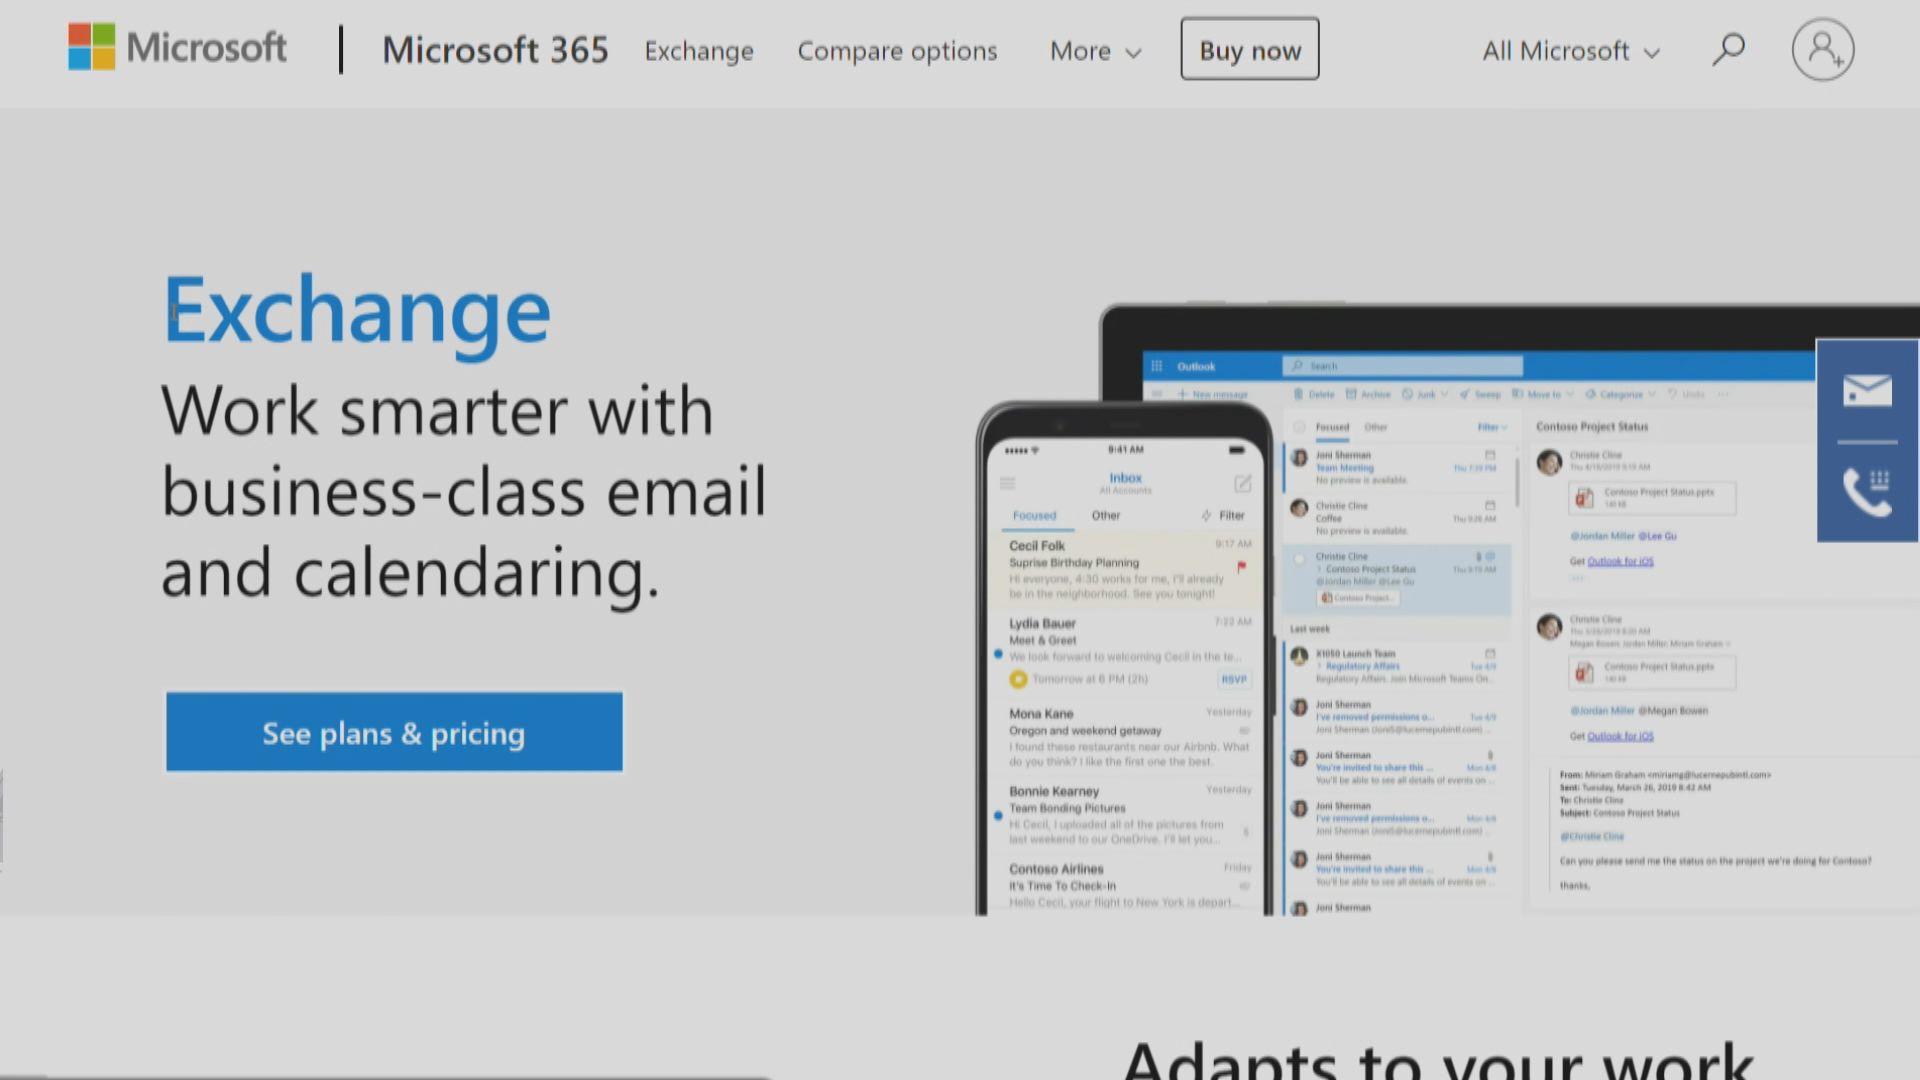 企業電郵服務系統出現漏洞 微軟指中國黑客竊取資料